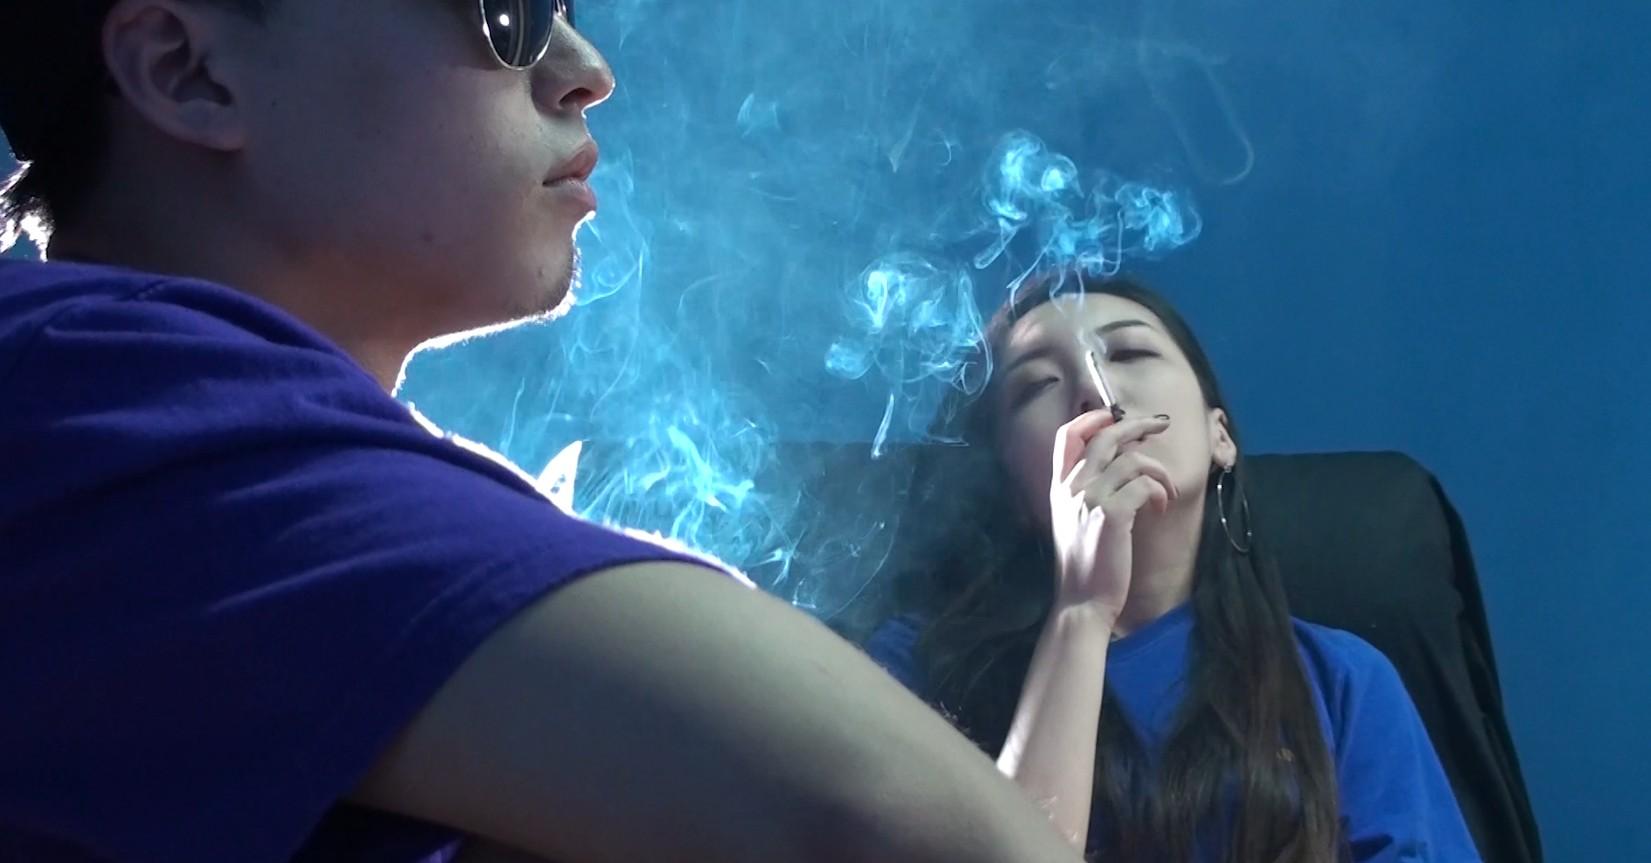 吸美女的二手烟一种什么样的体验?小伙:味道好极了![MP4/1.44GB/度盘/GoogleDrive]